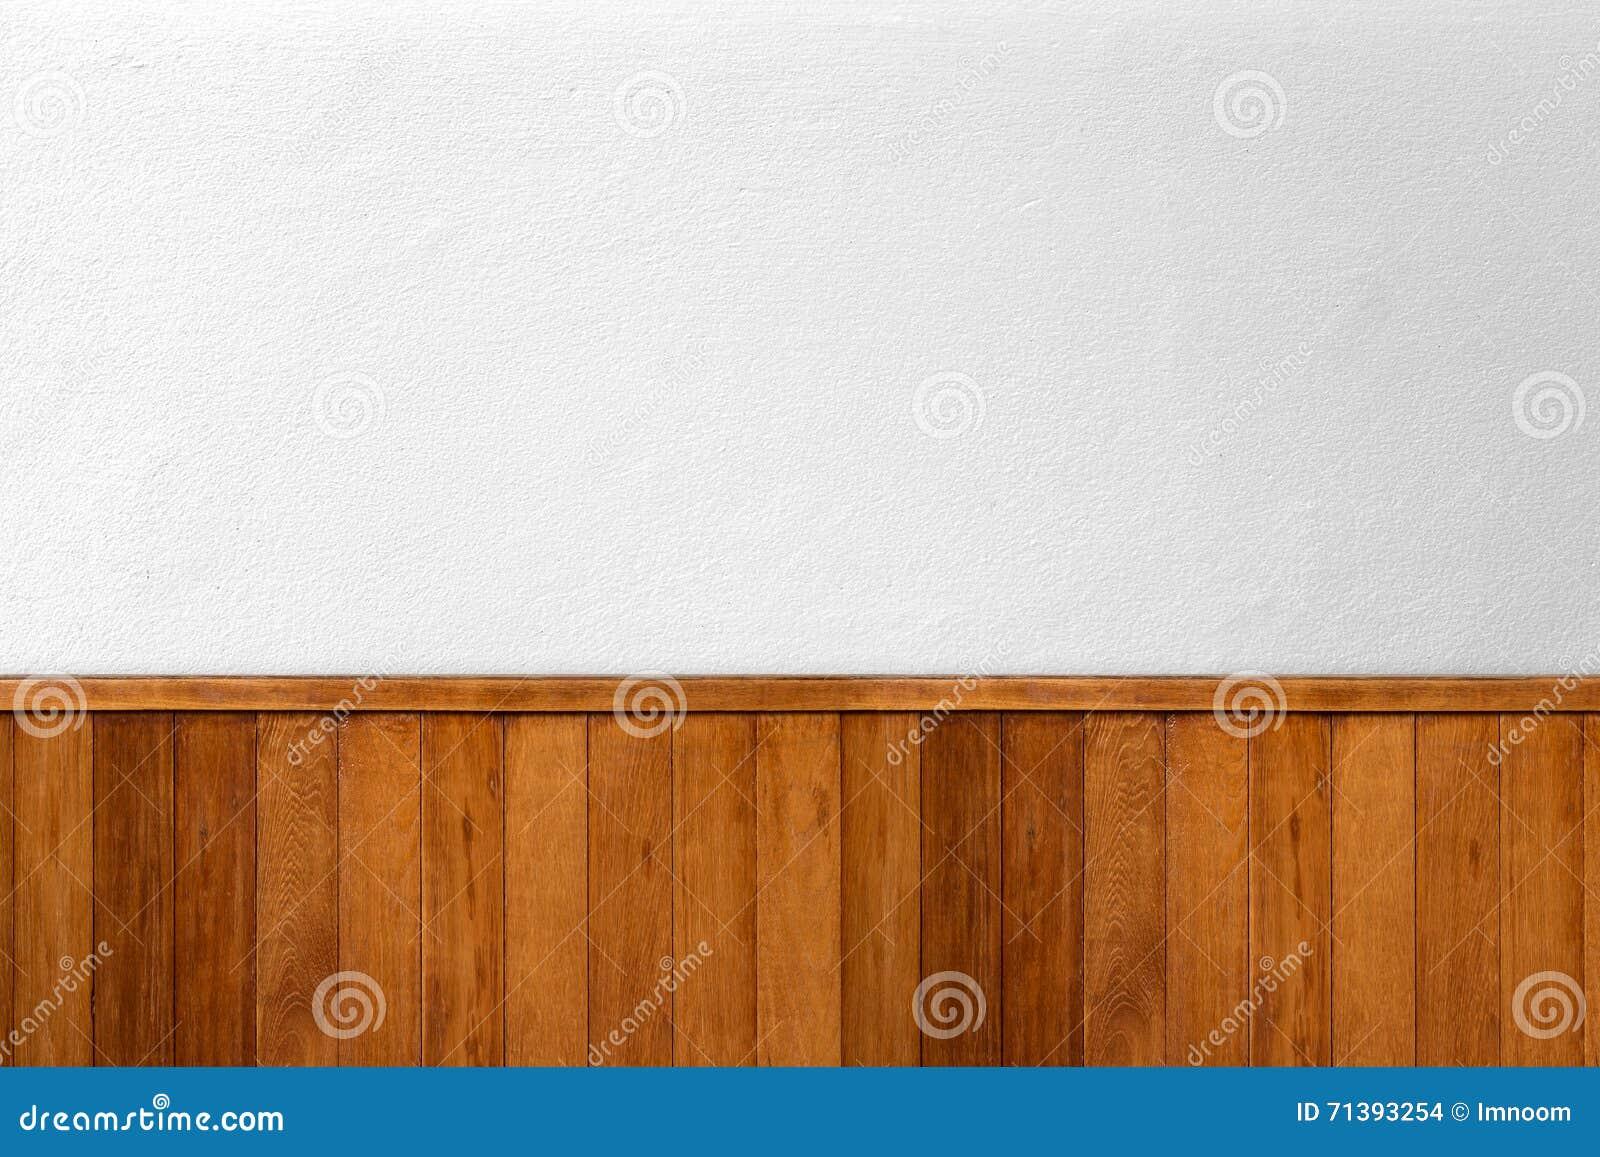 Muurdecoratie Van Hout.Witte Concrete Muurdecoratie Met Hout Stock Foto Afbeelding